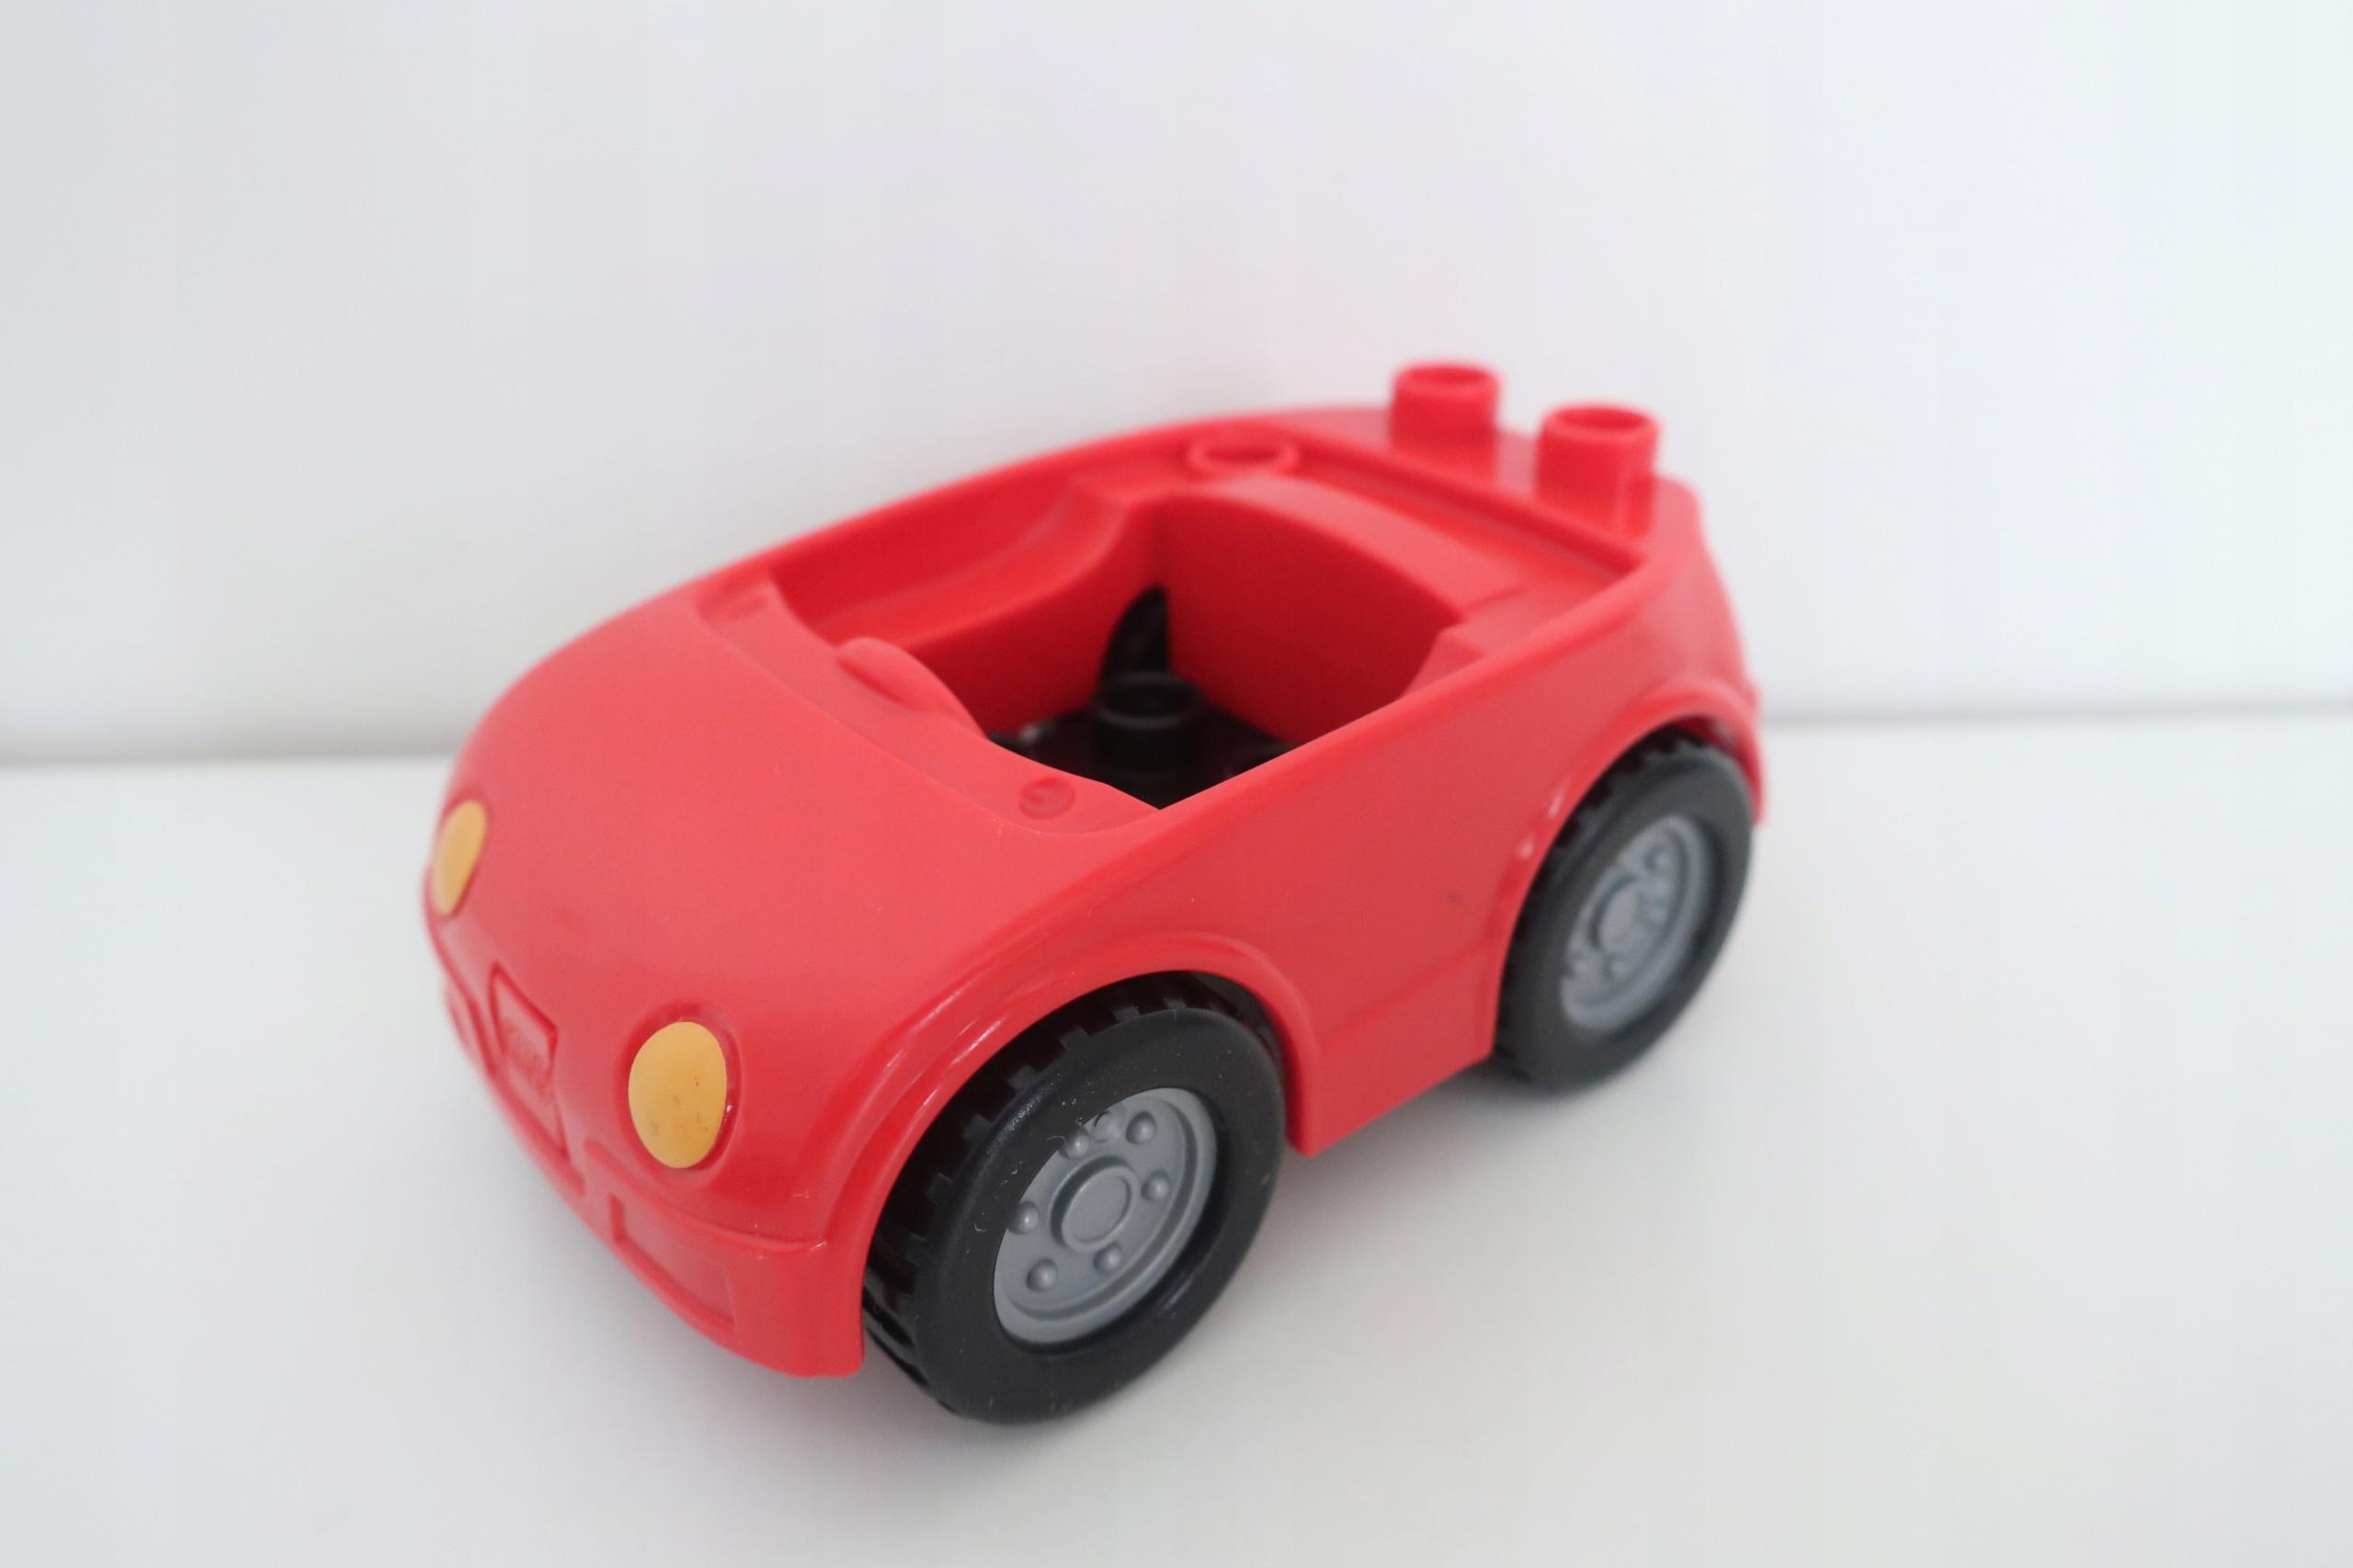 Lego Duplo Autko Czerwone 7638191182 Oficjalne Archiwum Allegro